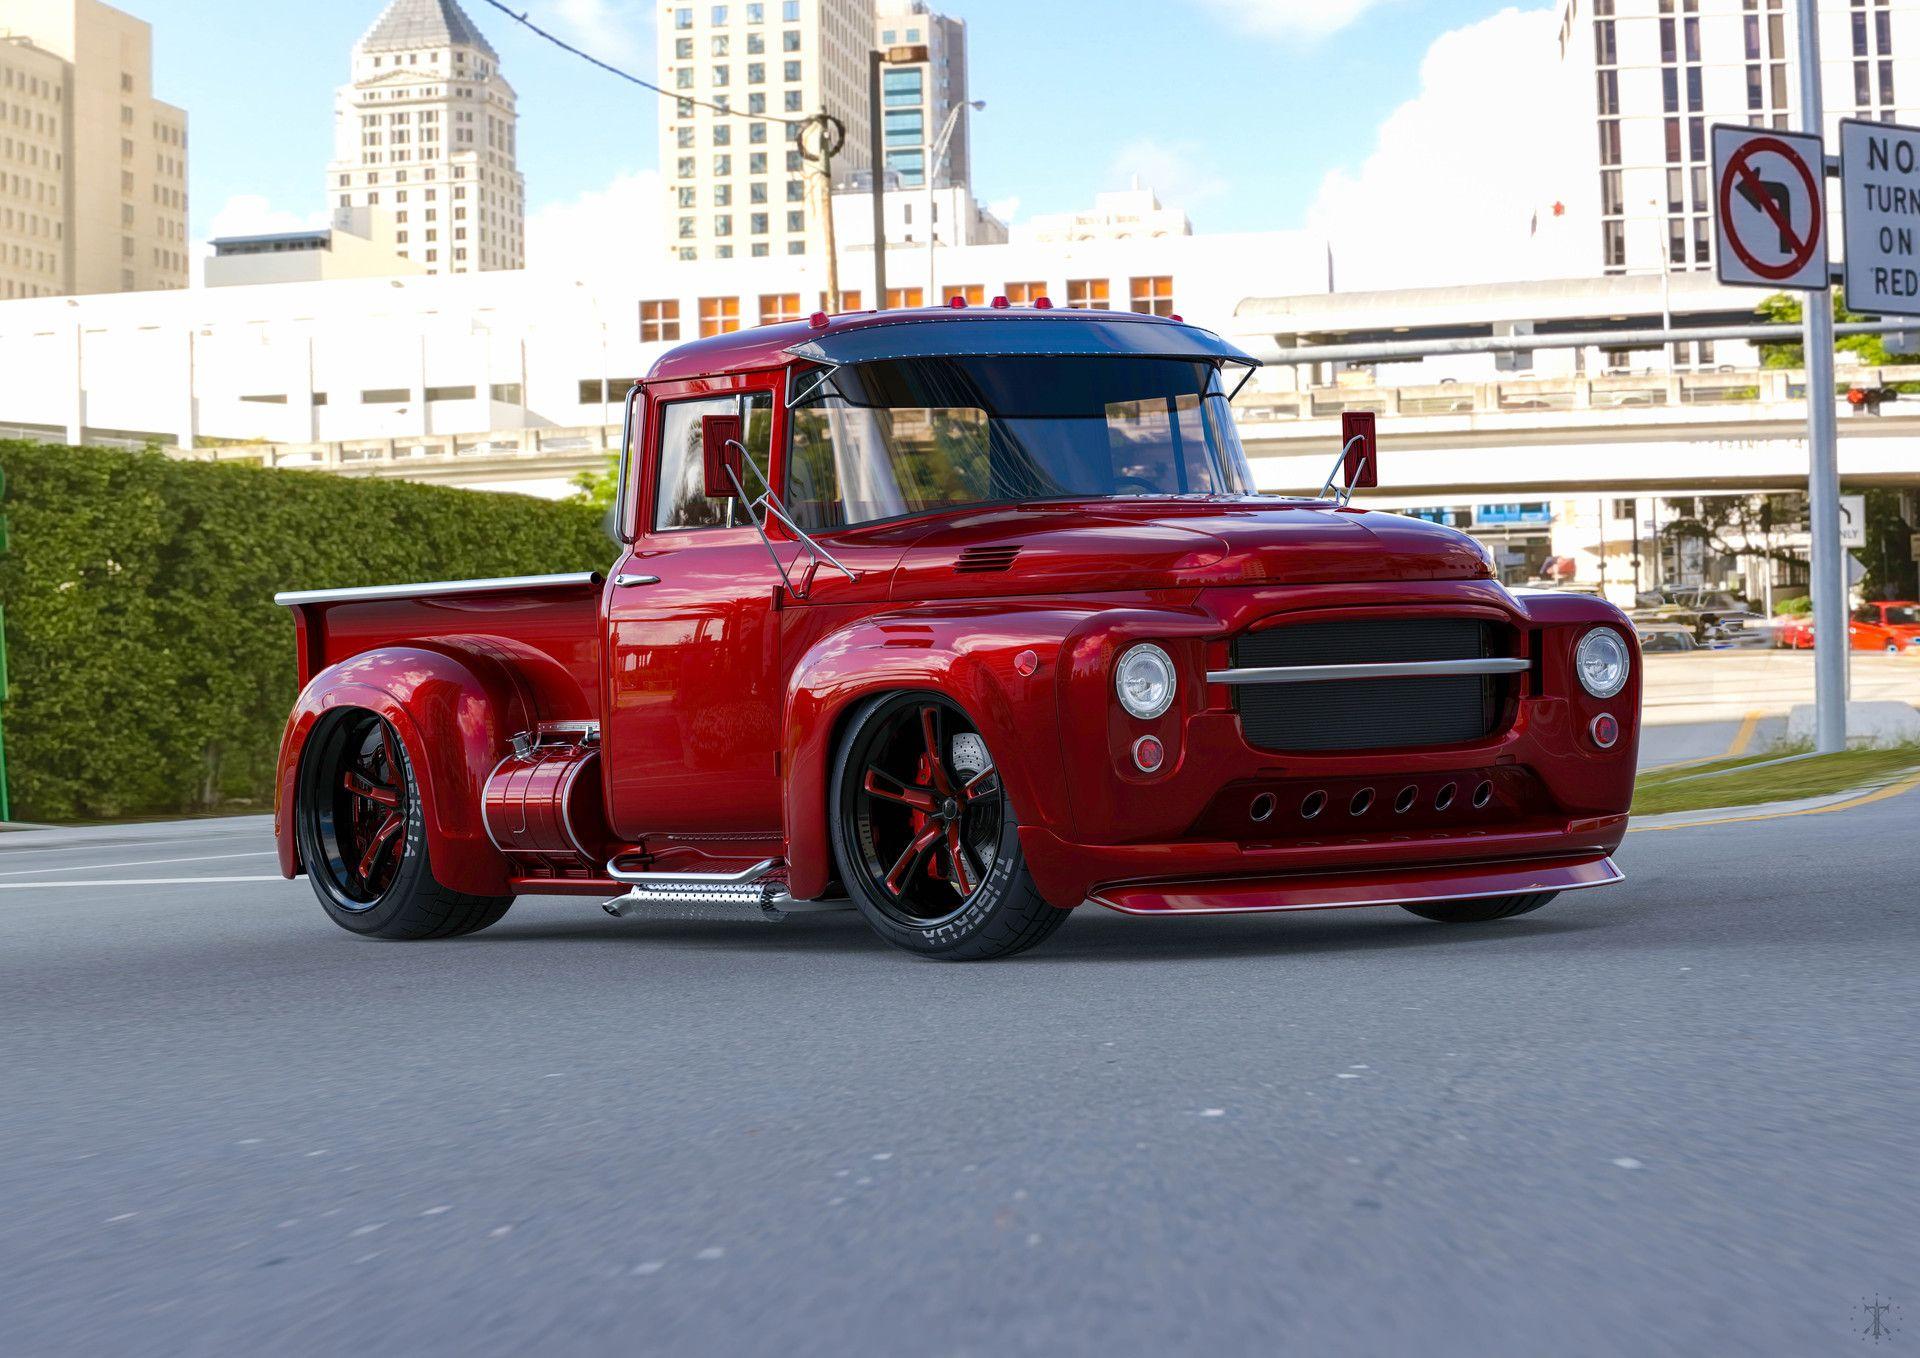 Red Version Of Custom Pickup Based On Soviet Truck Zil 130